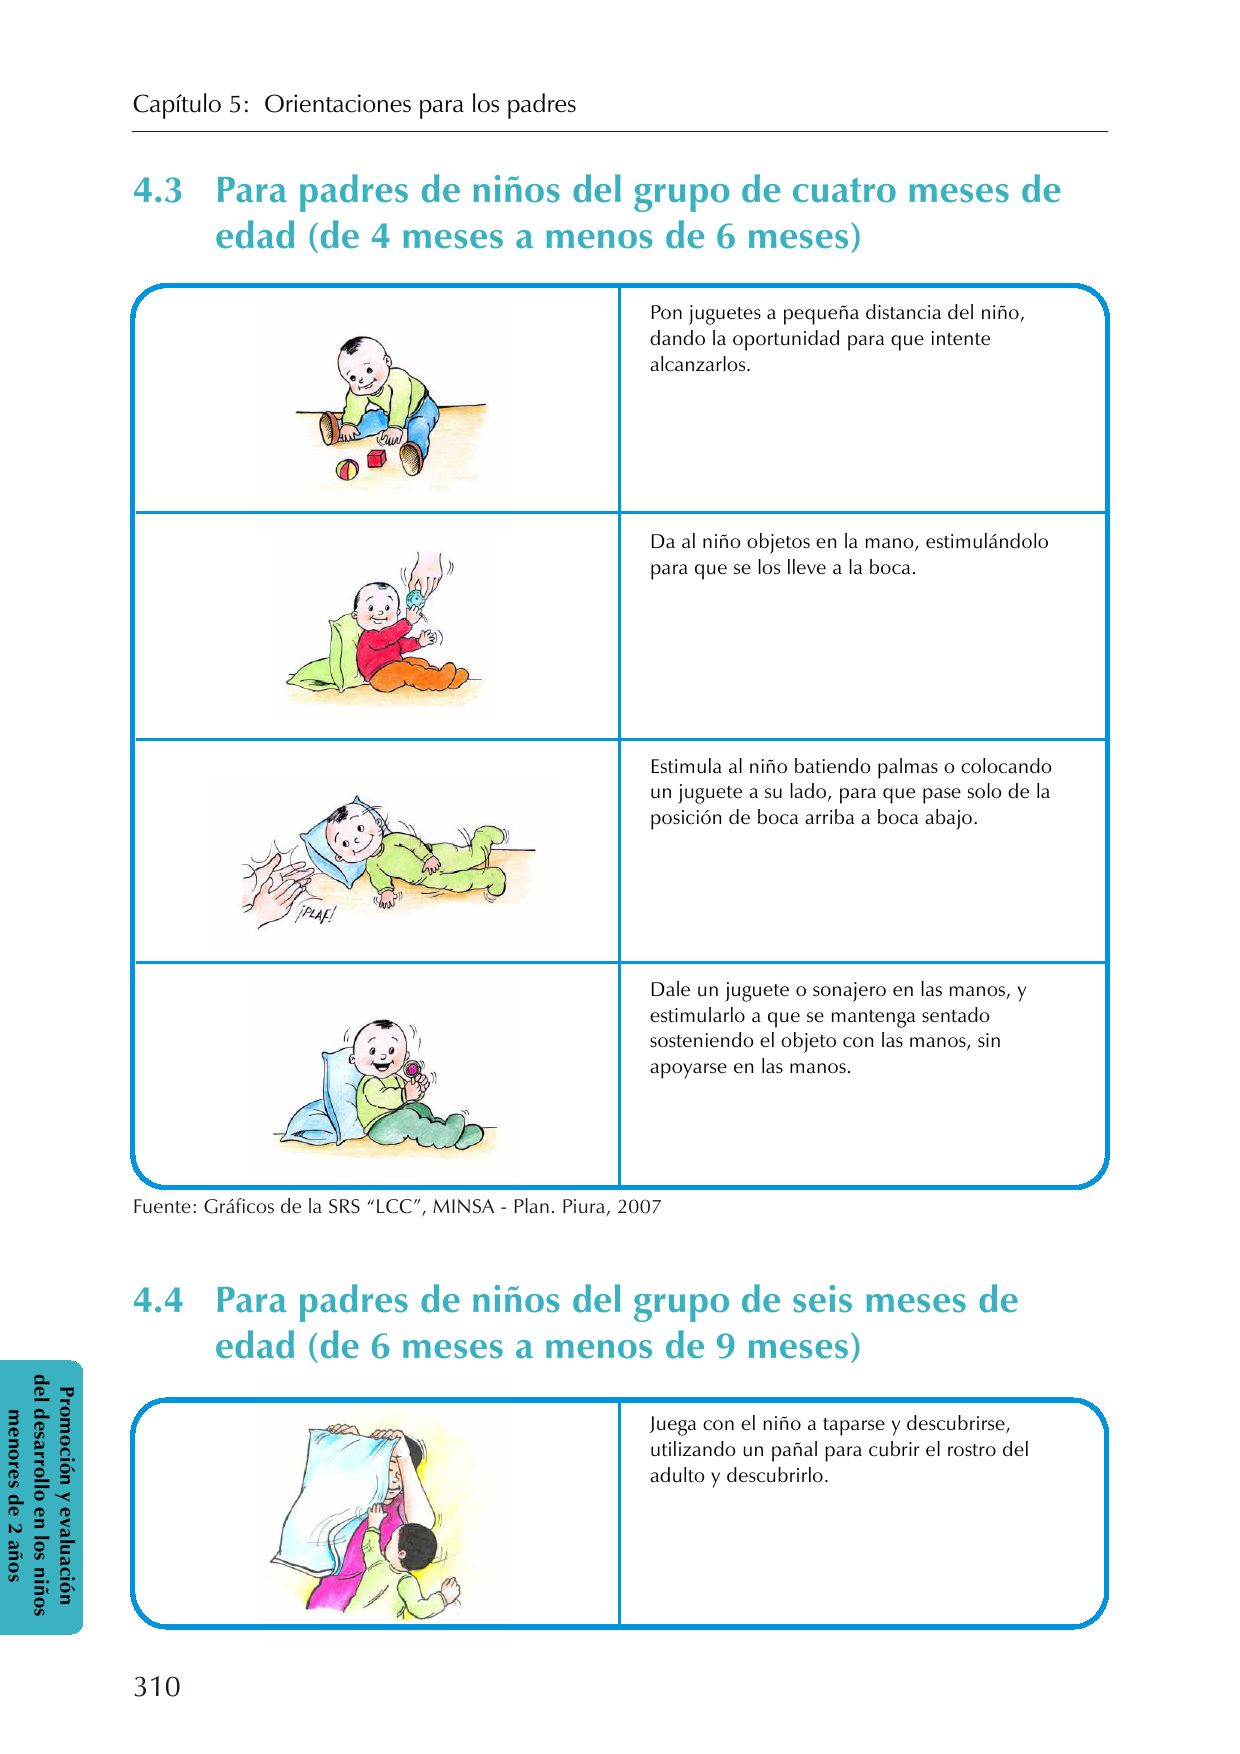 Evaluacion E Issuu By Desarrollo Salud Y DrPpach Infatil Materna bgy6Yf7